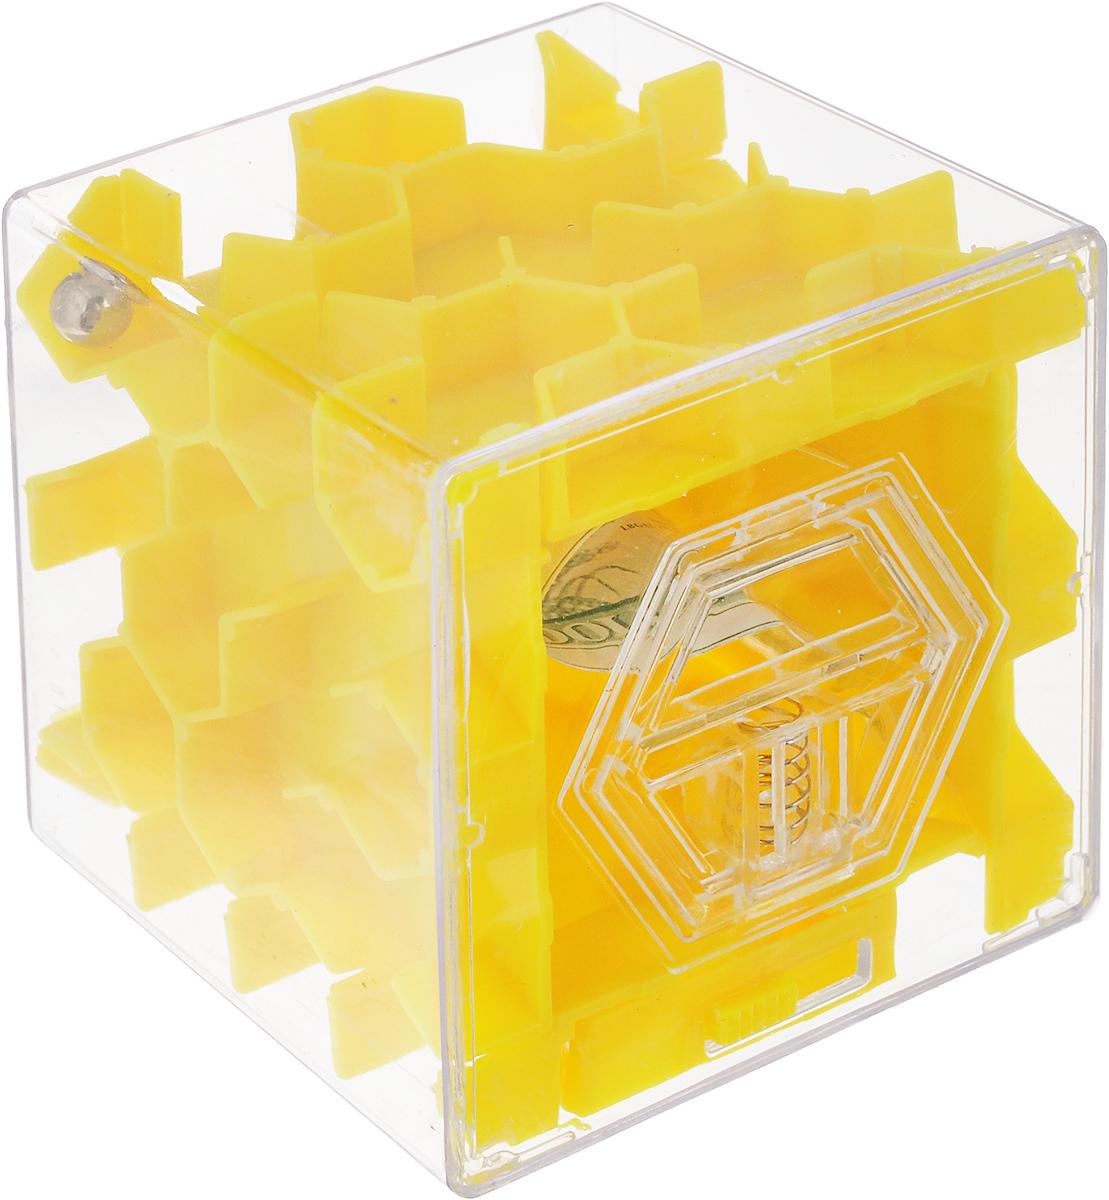 Копилка-головоломка Эврика Лабиринт, цвет: желтый97476Копилка Лабиринт - это самая настоящая головоломка. Она изготовлена из высококачественного пластика. Чтобы достать накопленные денежки, необходимо провести шарик по запутанному пути. Копилка Лабиринт - оригинальный способ преподнести подарок. Положите купюру в копилку и смело вручайте имениннику. Вашему другу придется потрудиться, чтобы достать подаренную купюру. Копилка имеет отверстие, чтобы класть в неё деньги. Размер копилки: 6,5 х 6,5 х 6,5 см.